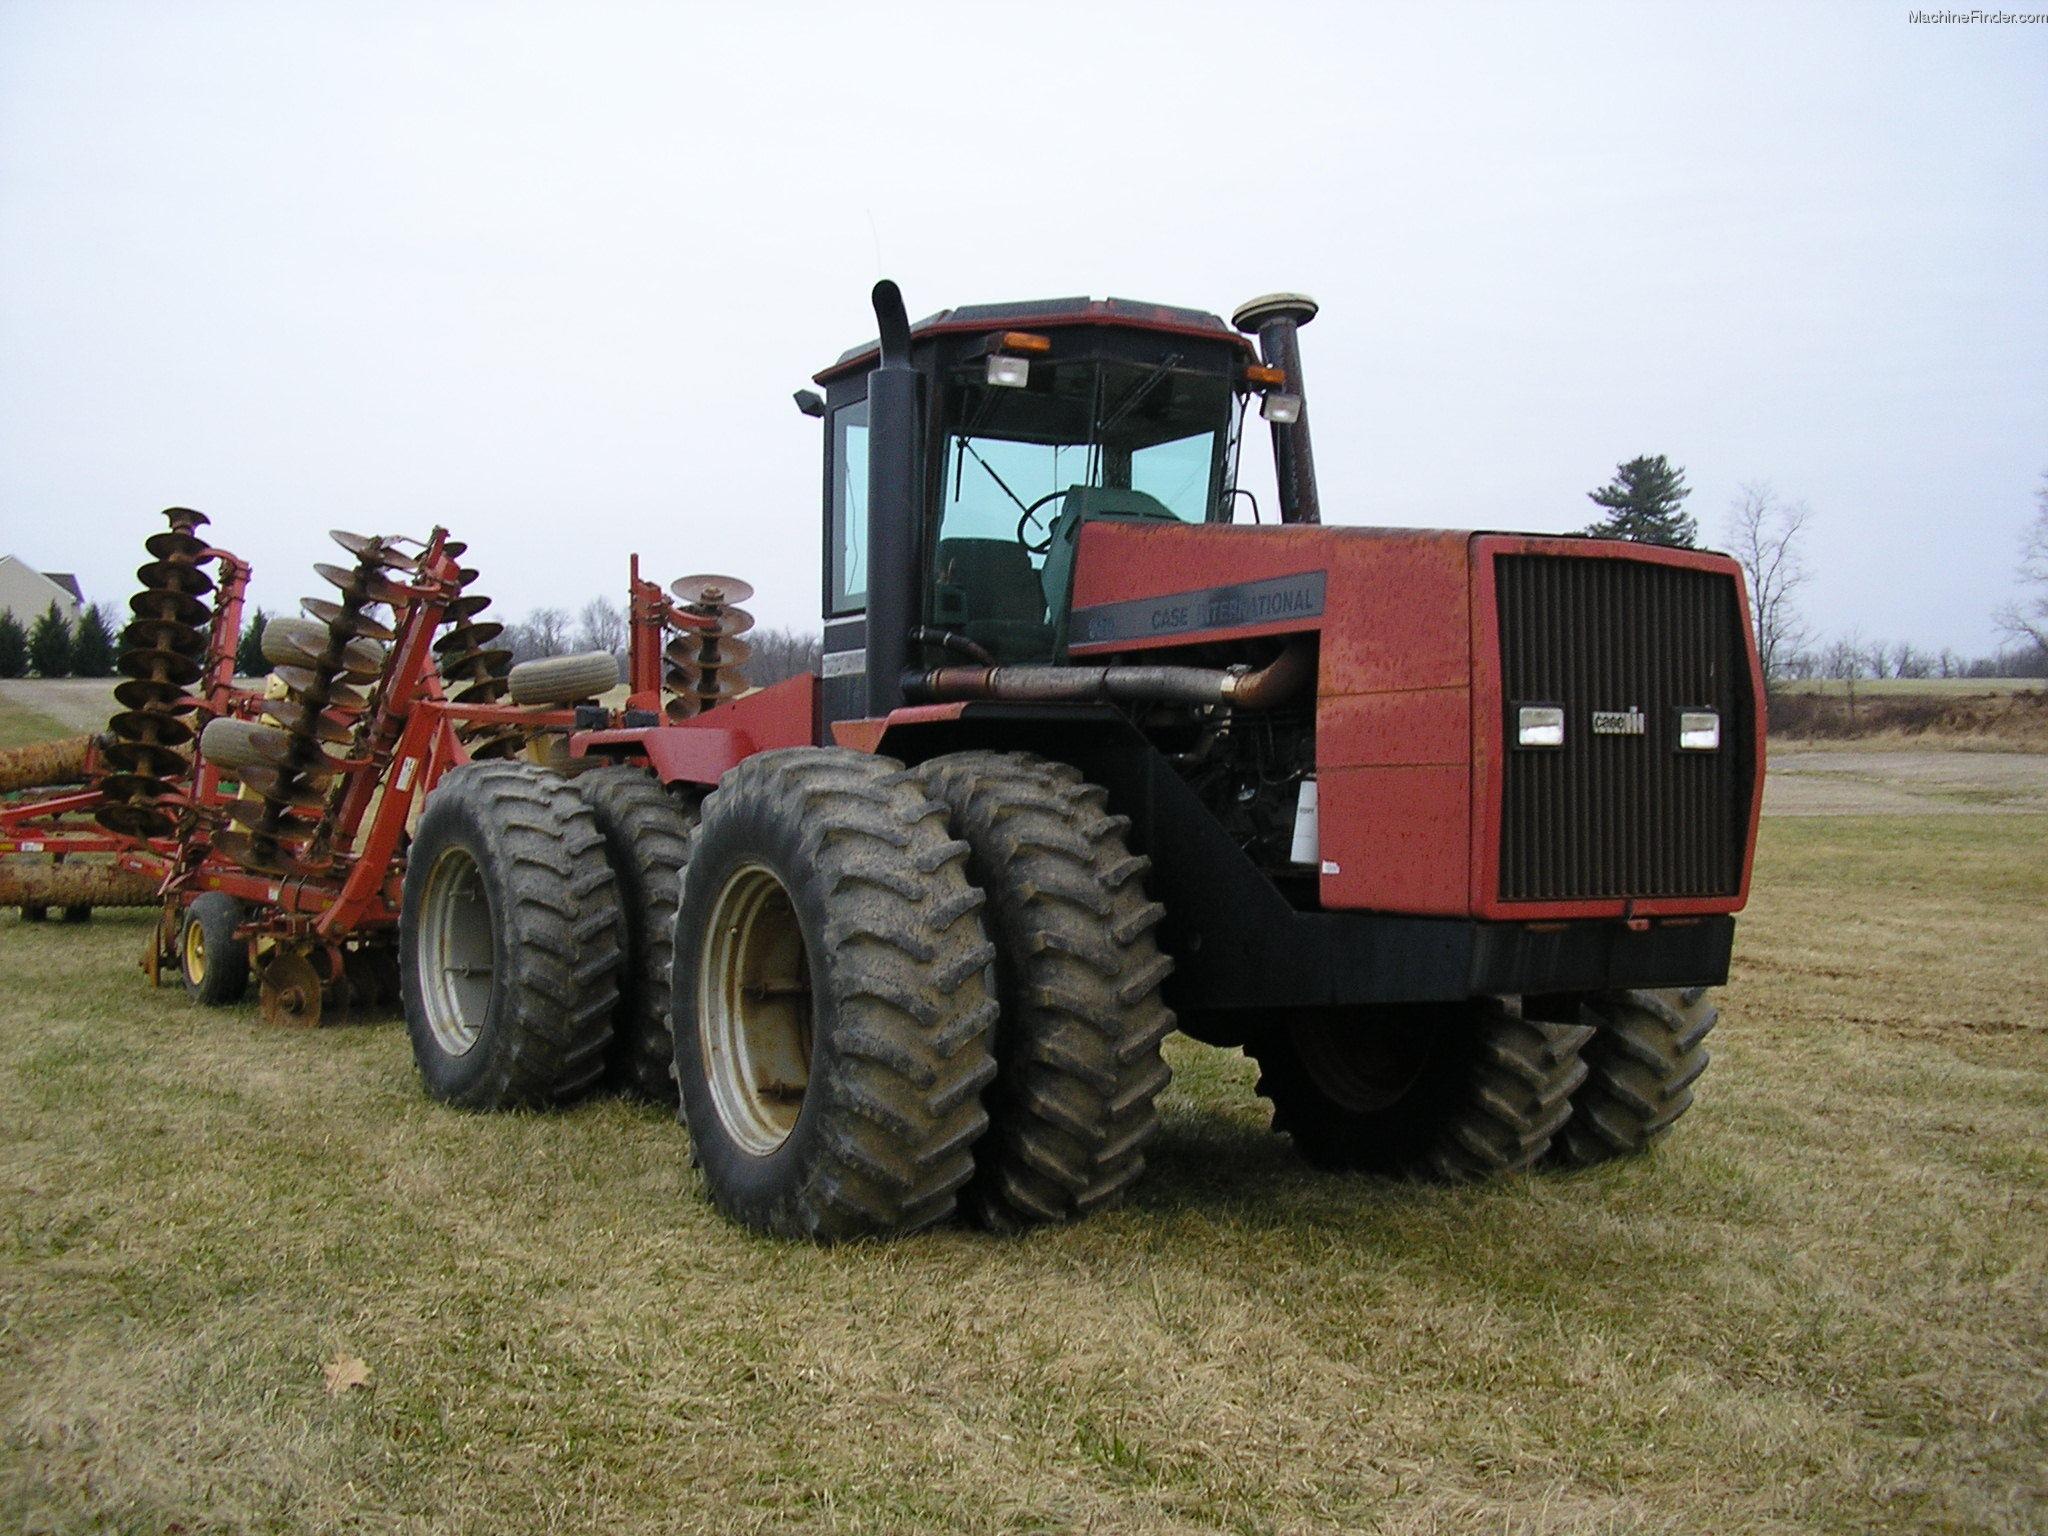 1990 Case IH 9170 Tractors - Articulated 4WD - John Deere ...